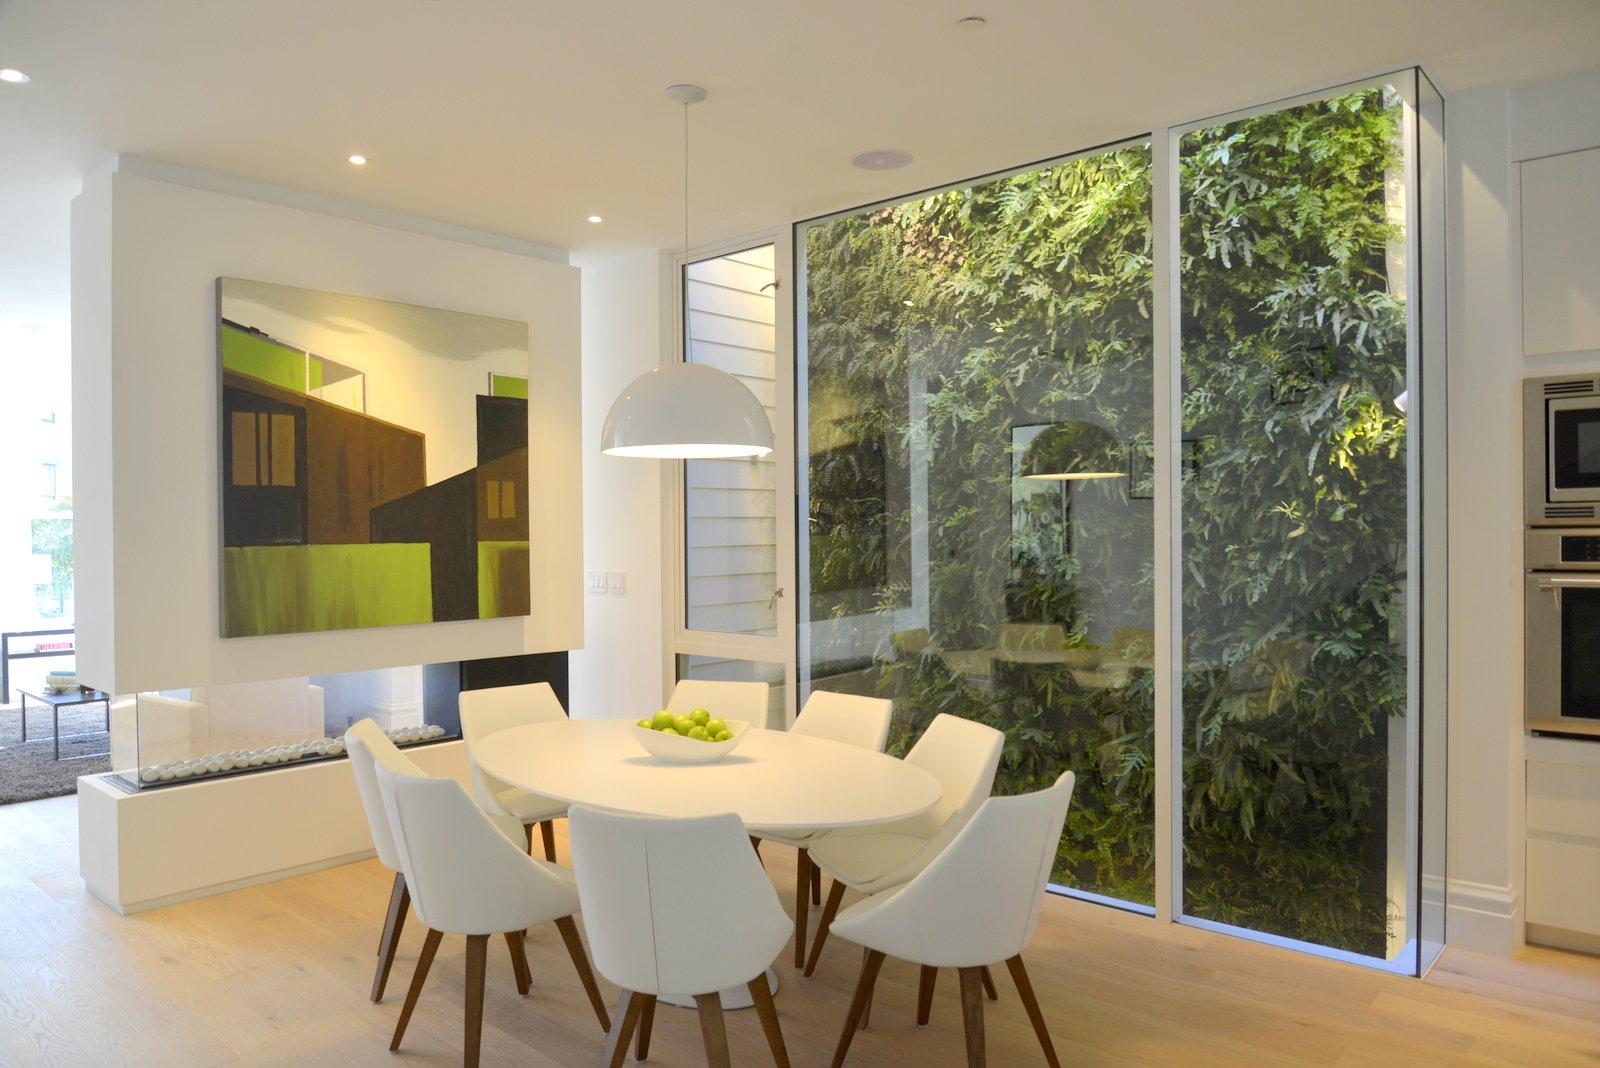 Florafelt-Vertical-Garden-Living-Wall-Belevedere-Street-01-_CJB3483.JPG